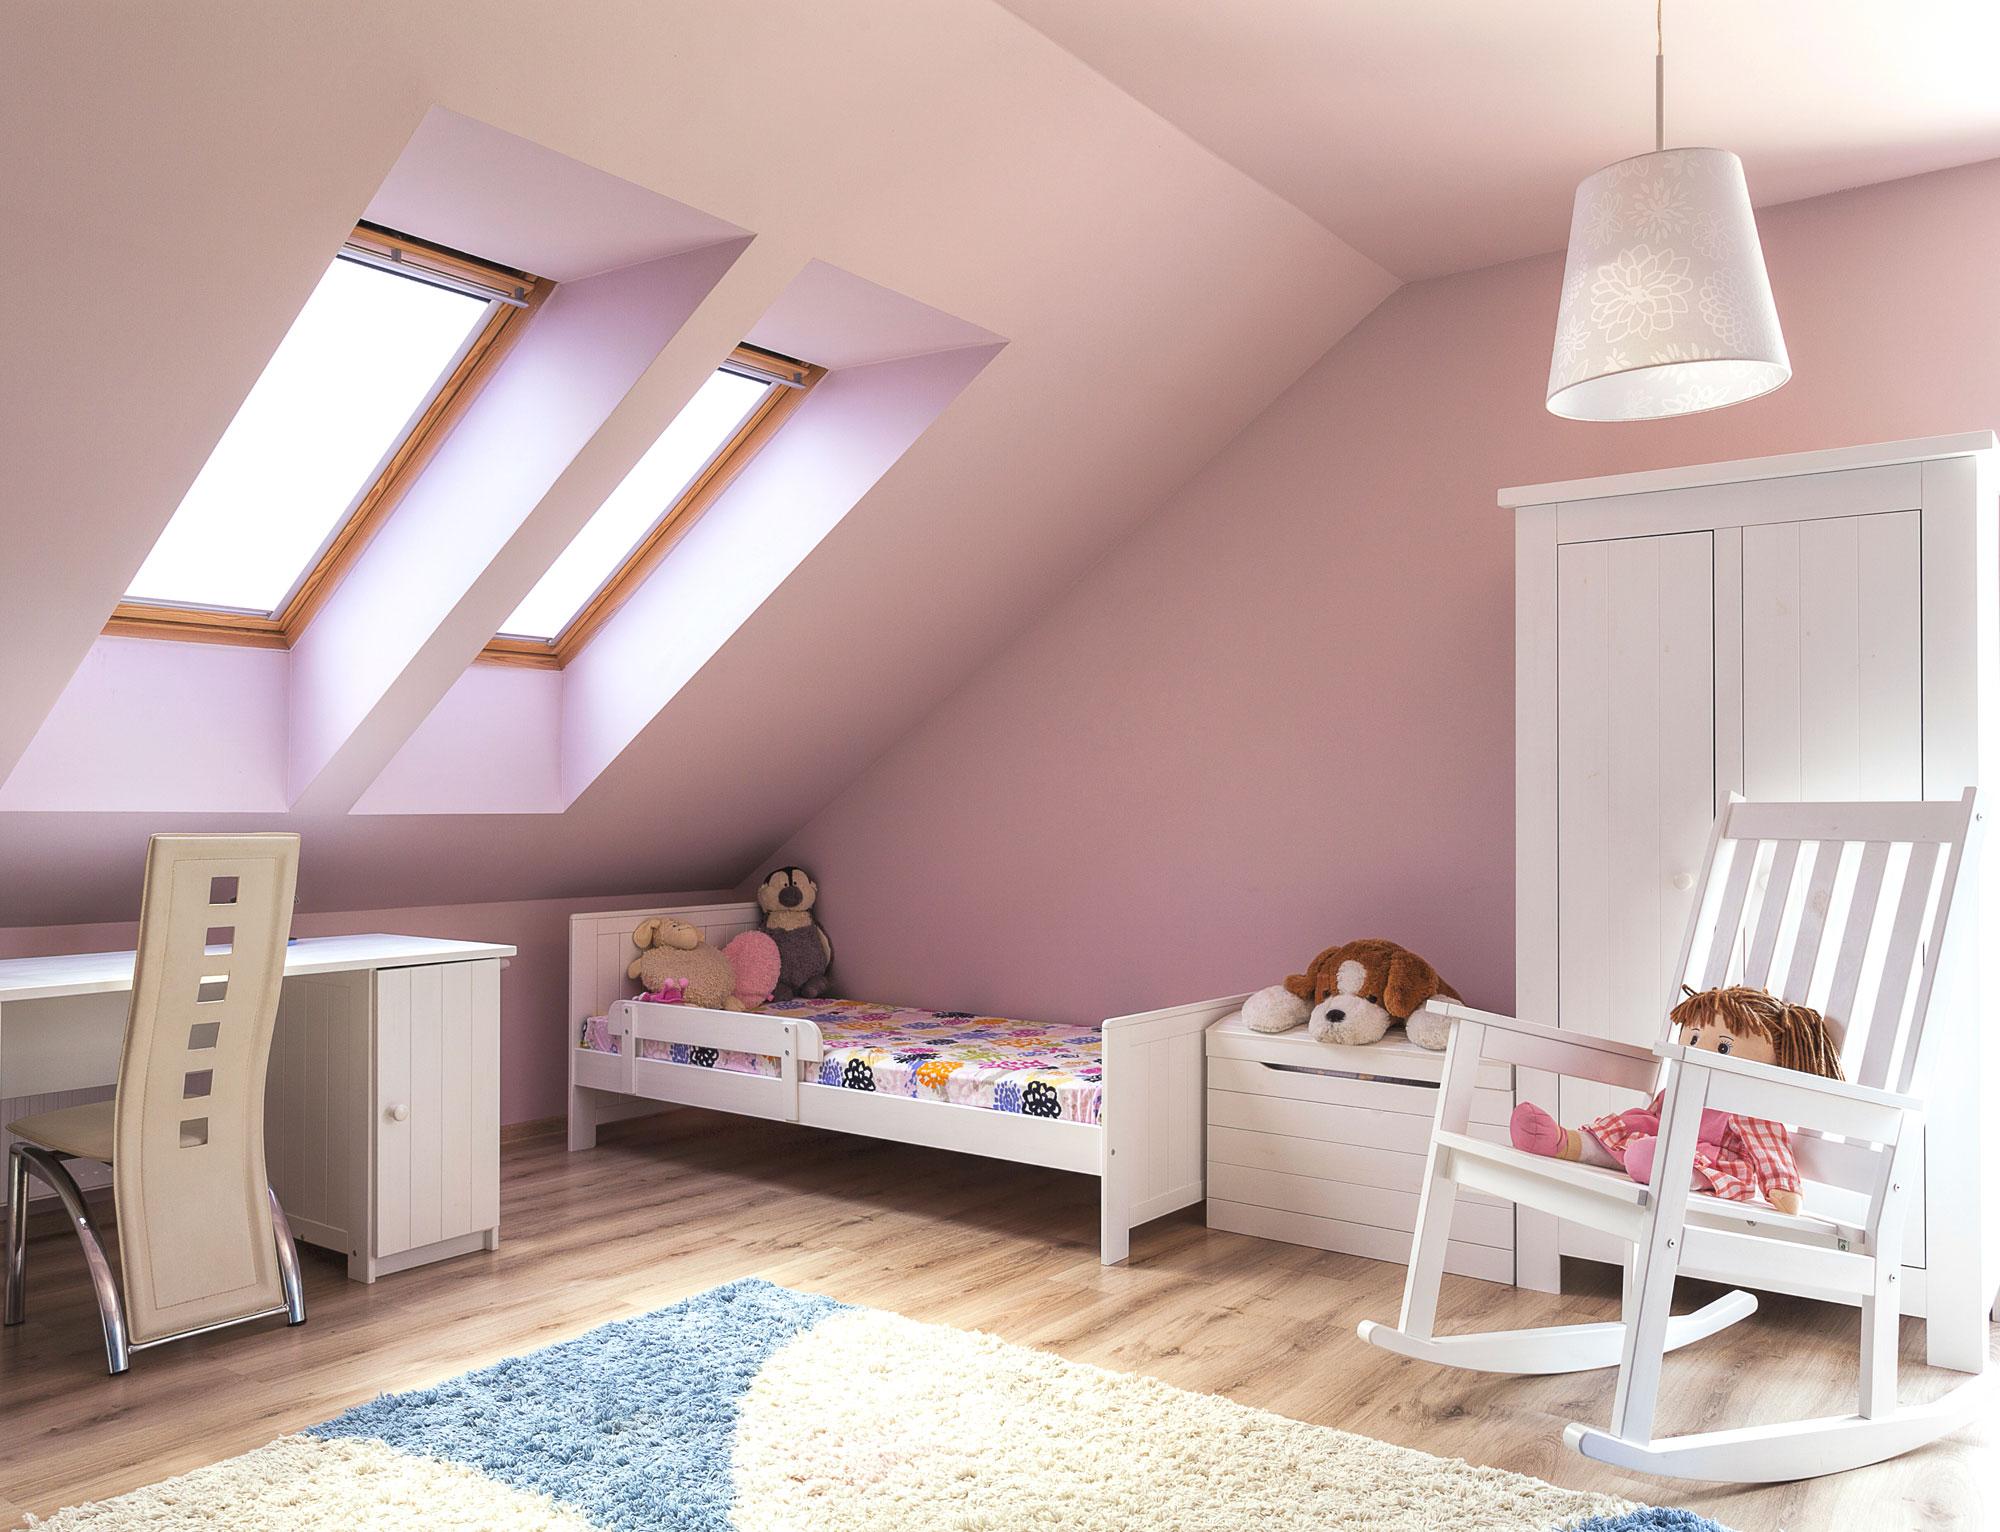 éclairage naturel et artificiel dans la chambre des enfants